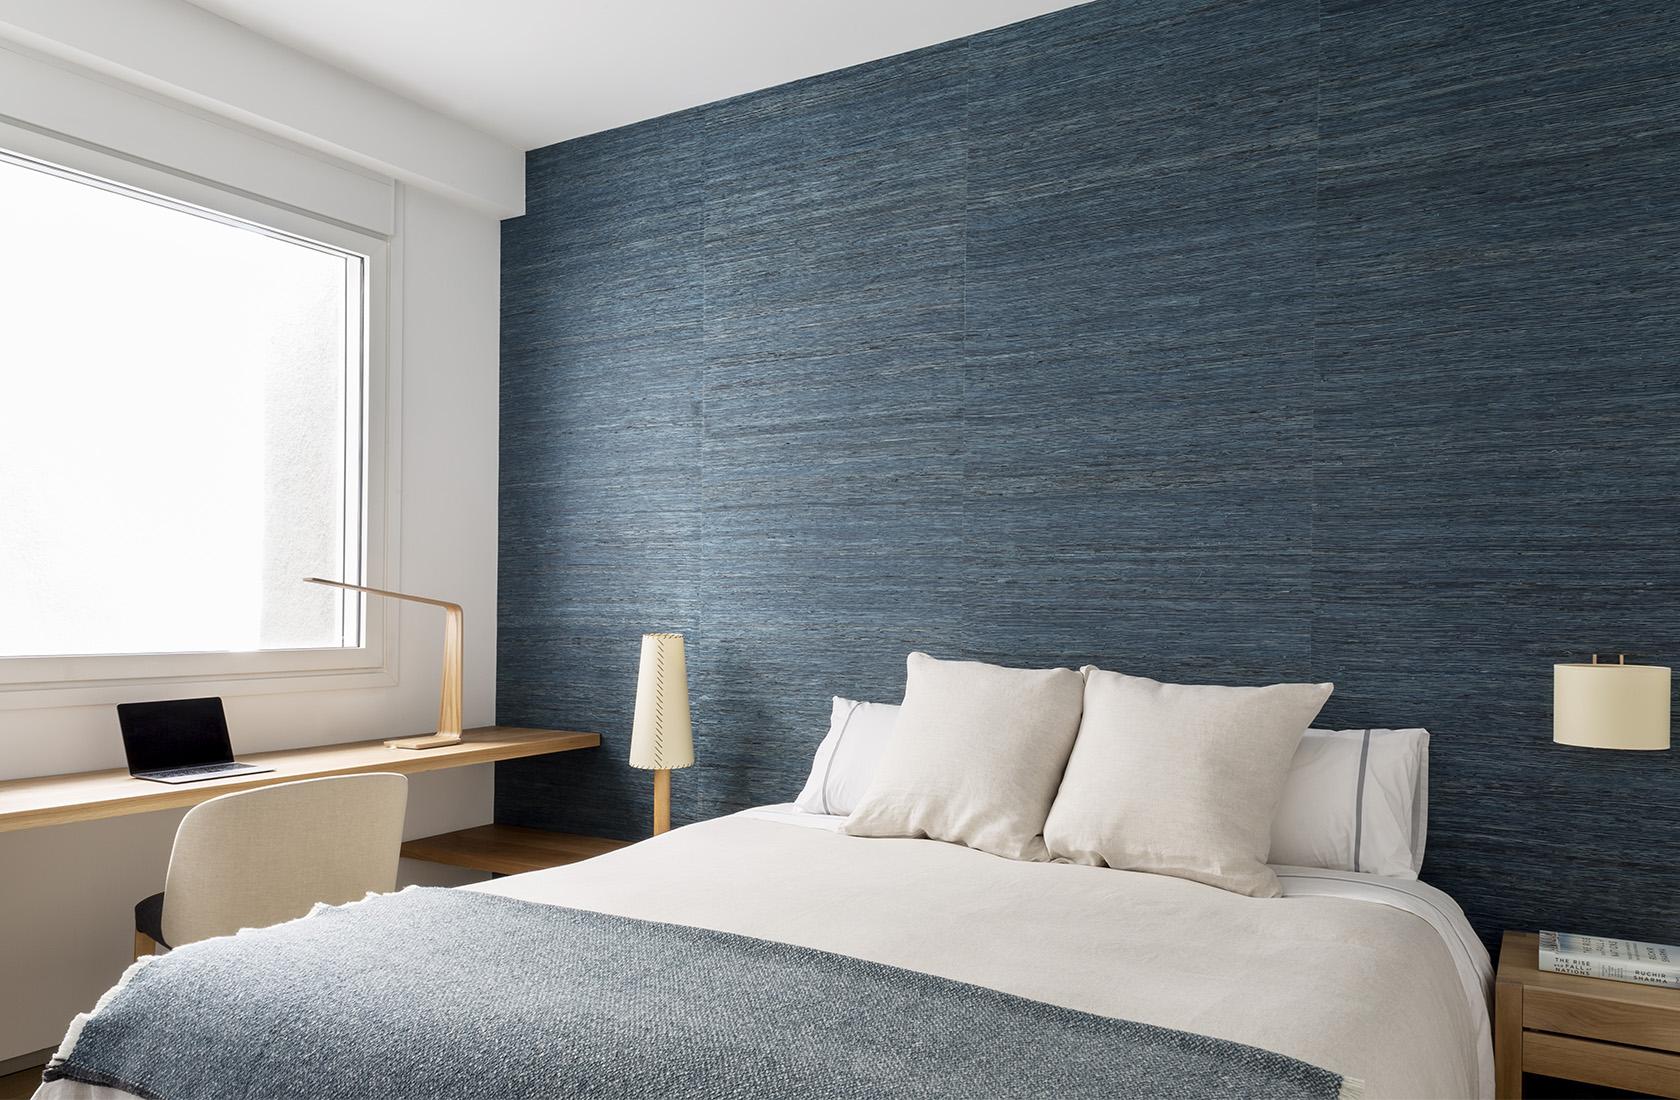 Detalle de la reforma en el dormitorio del Ático sobre el Parque del Retiro. Habitación en tonos azules.